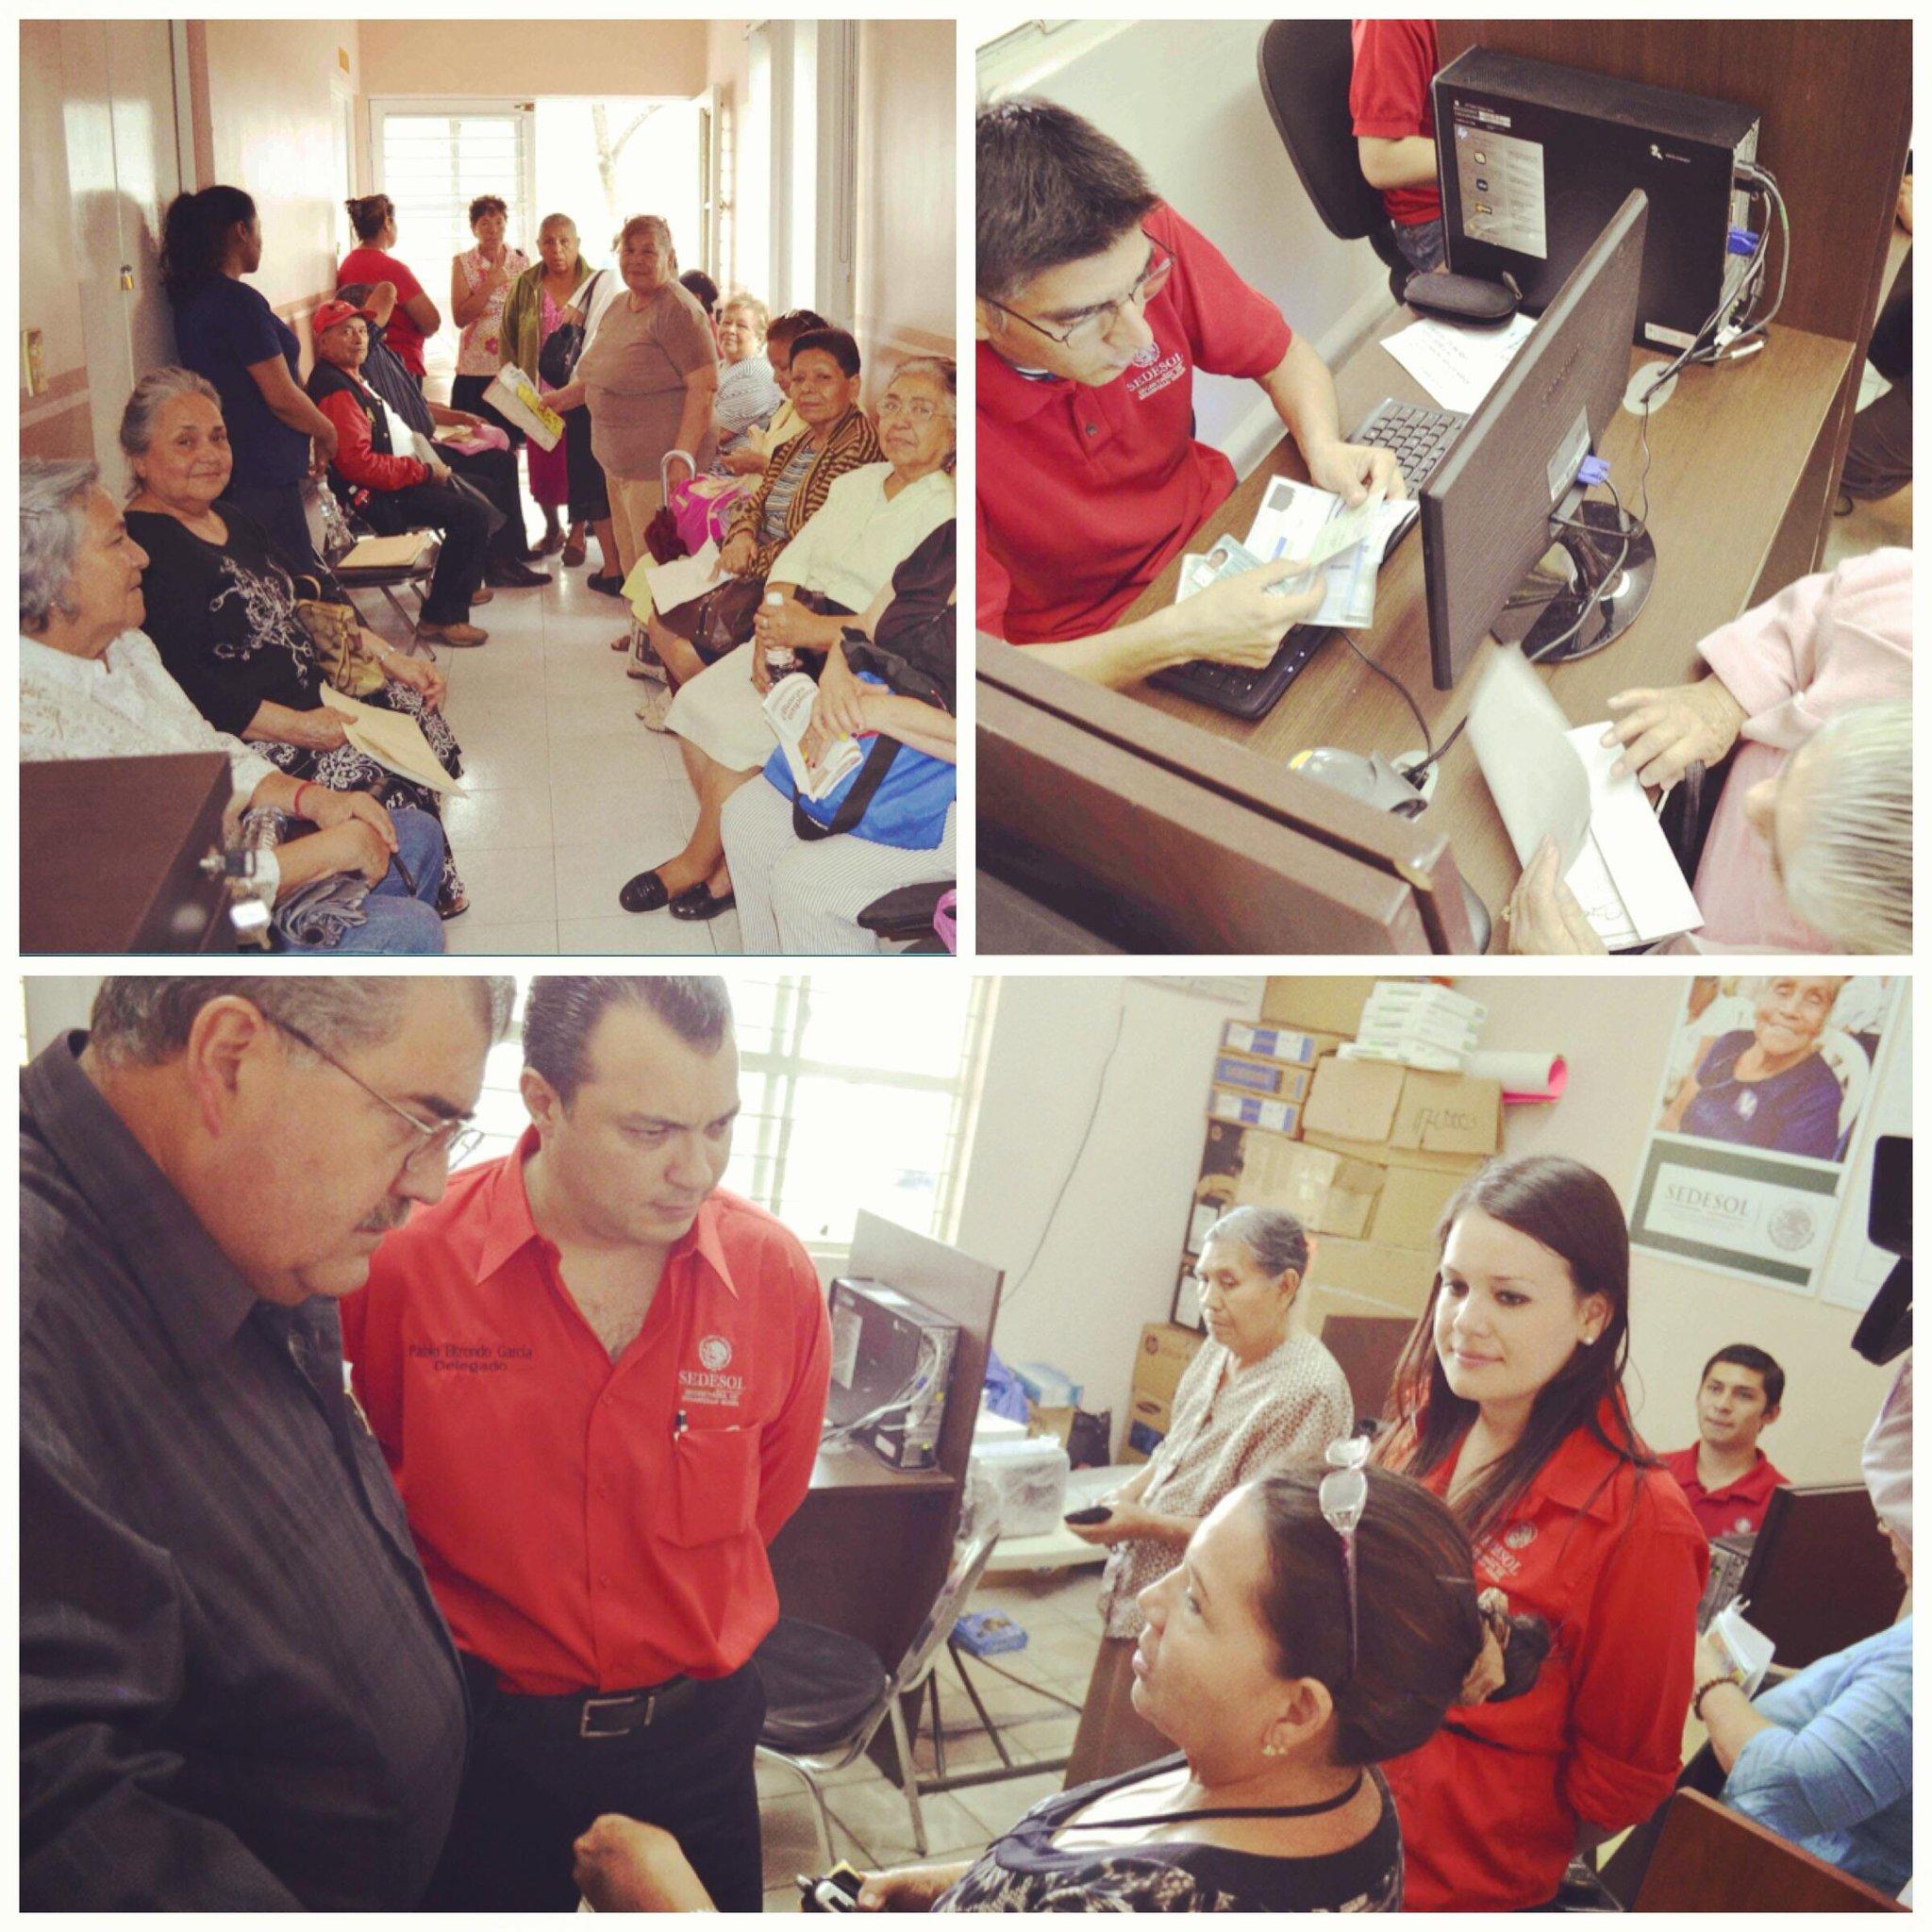 """Más de 300 adultos mayores se registraron hoy en el arranque del programa """"65 y más"""" que les brinda apoyo monetario http://t.co/yuioDK312M"""